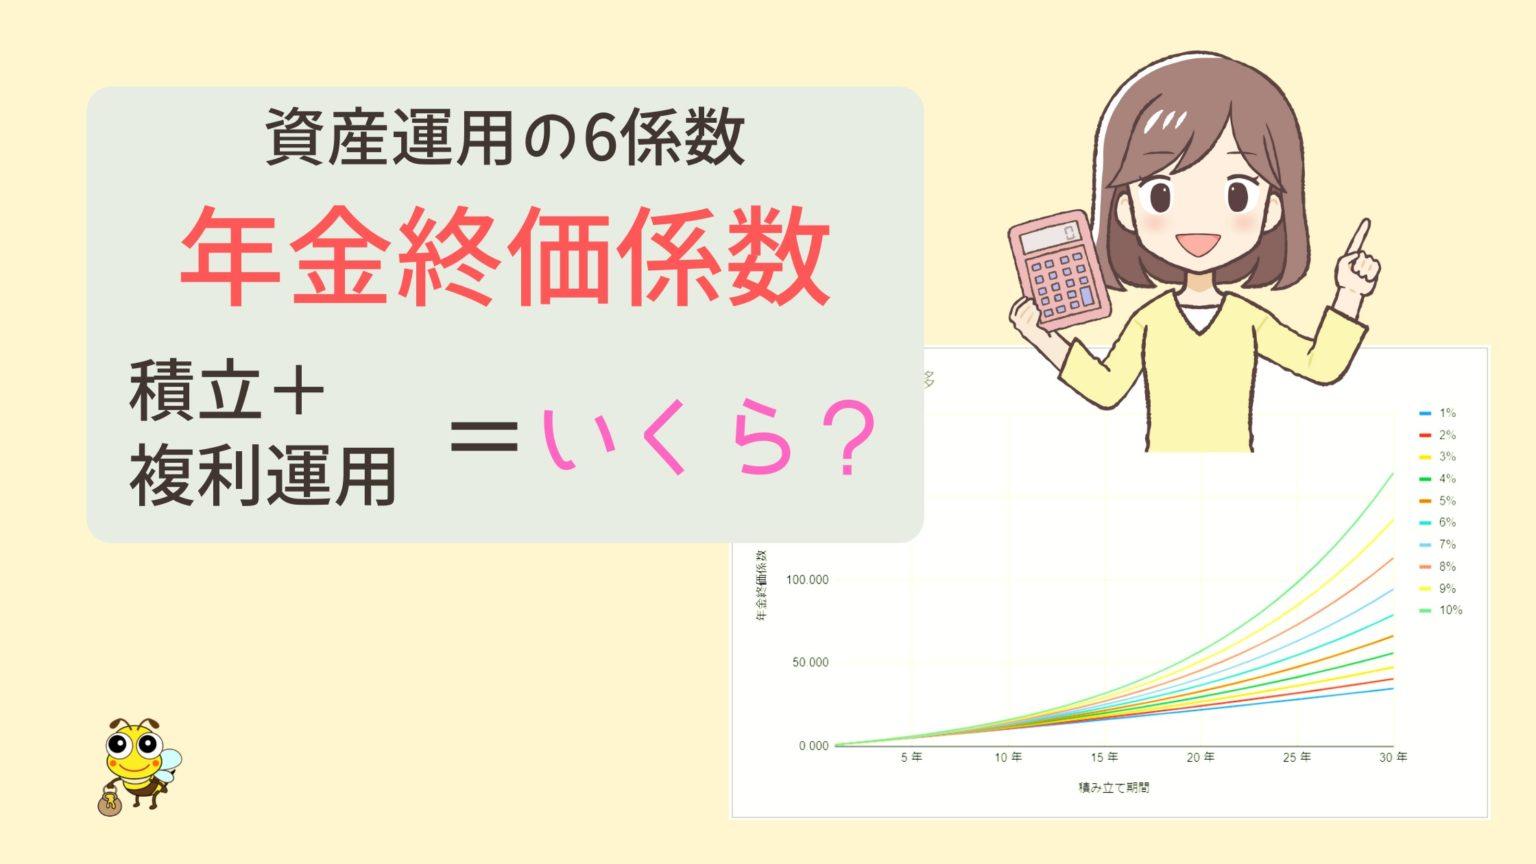 年金終価係数,年金終価係数とは,早見表,将来の金額,計算,計算式,グラフ,推移,電卓, 複利,複利計算, ライフプラン, 元利合計, 積立, 積み立て,積み立て貯蓄, 積み立て投資, じぶん年金, 自分年金, 資産運用, ファイナンシャルプランナー, FP, FP2級, FP3級